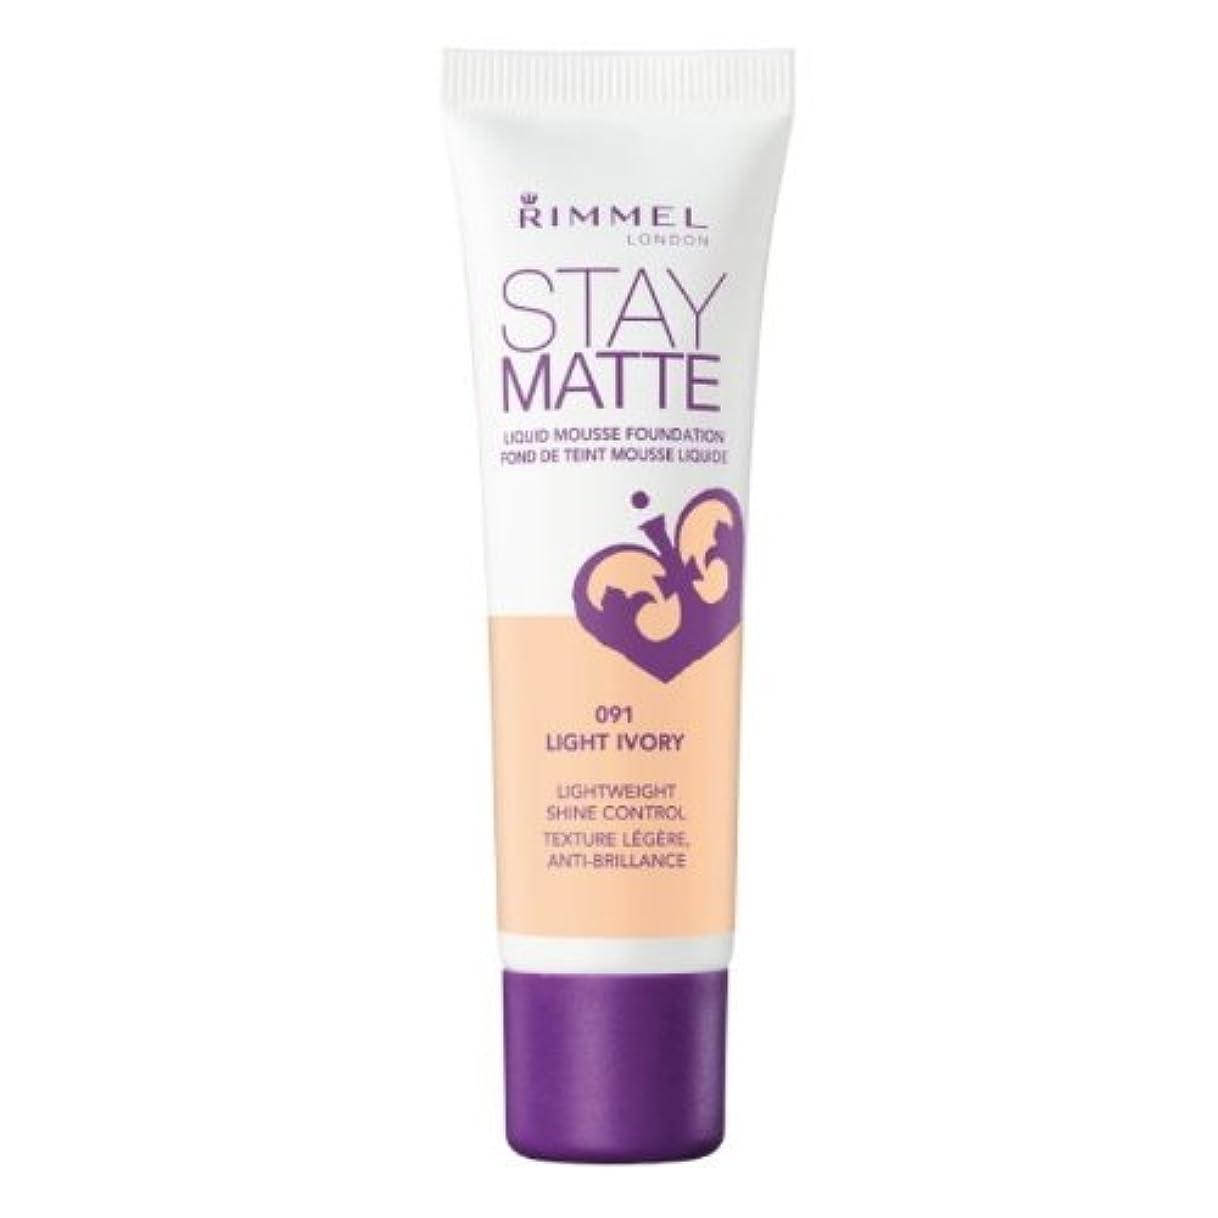 自体アームストロング剃るRIMMEL LONDON Stay Matte Liquid Mousse Foundation - Light Ivory (並行輸入品)